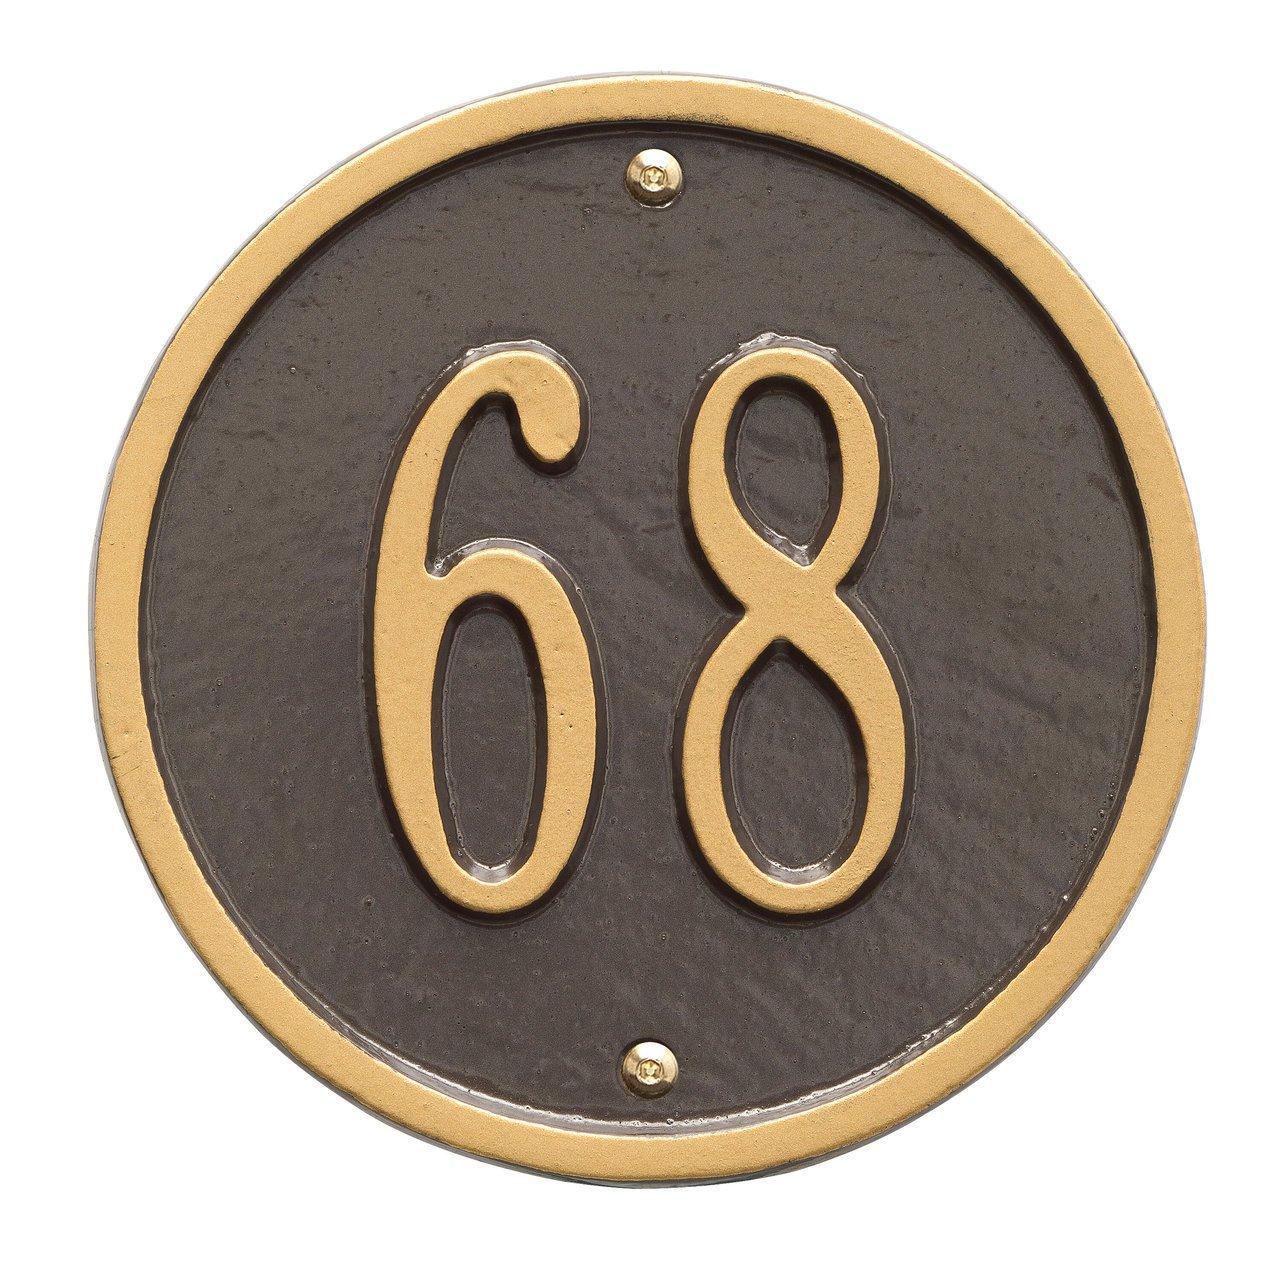 Custom 1 Line - 6'' Diameter ROUND Aluminum Address Plaque